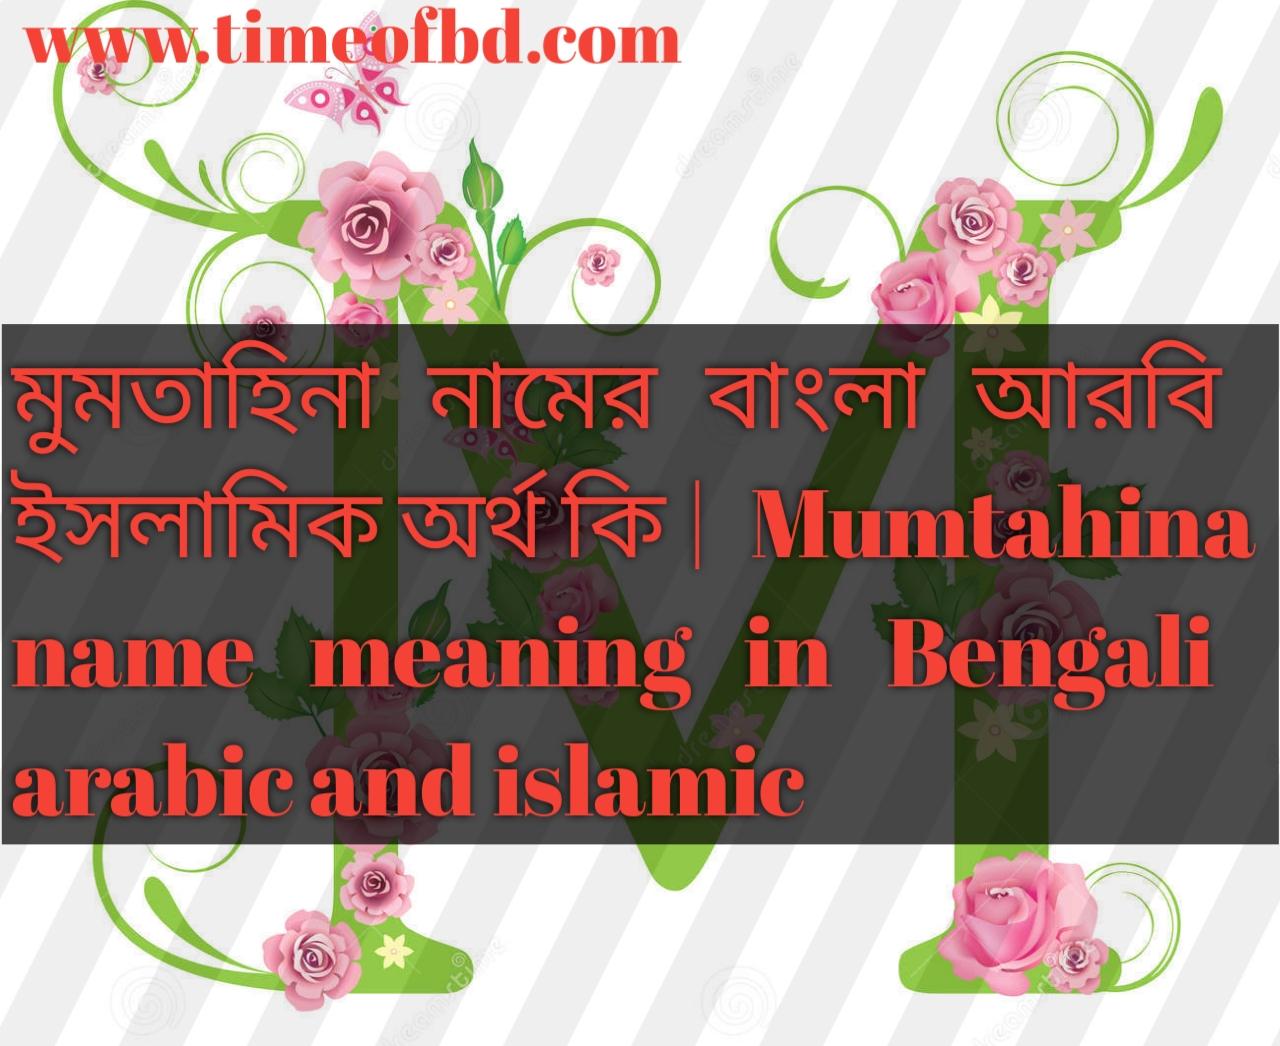 মুমতাহিনা নামের অর্থ কি, মুমতাহিনা নামের বাংলা অর্থ কি, মুমতাহিনা নামের ইসলামিক অর্থ কি, Mumtahina name in Bengali, মুমতাহিনা কি ইসলামিক নাম,